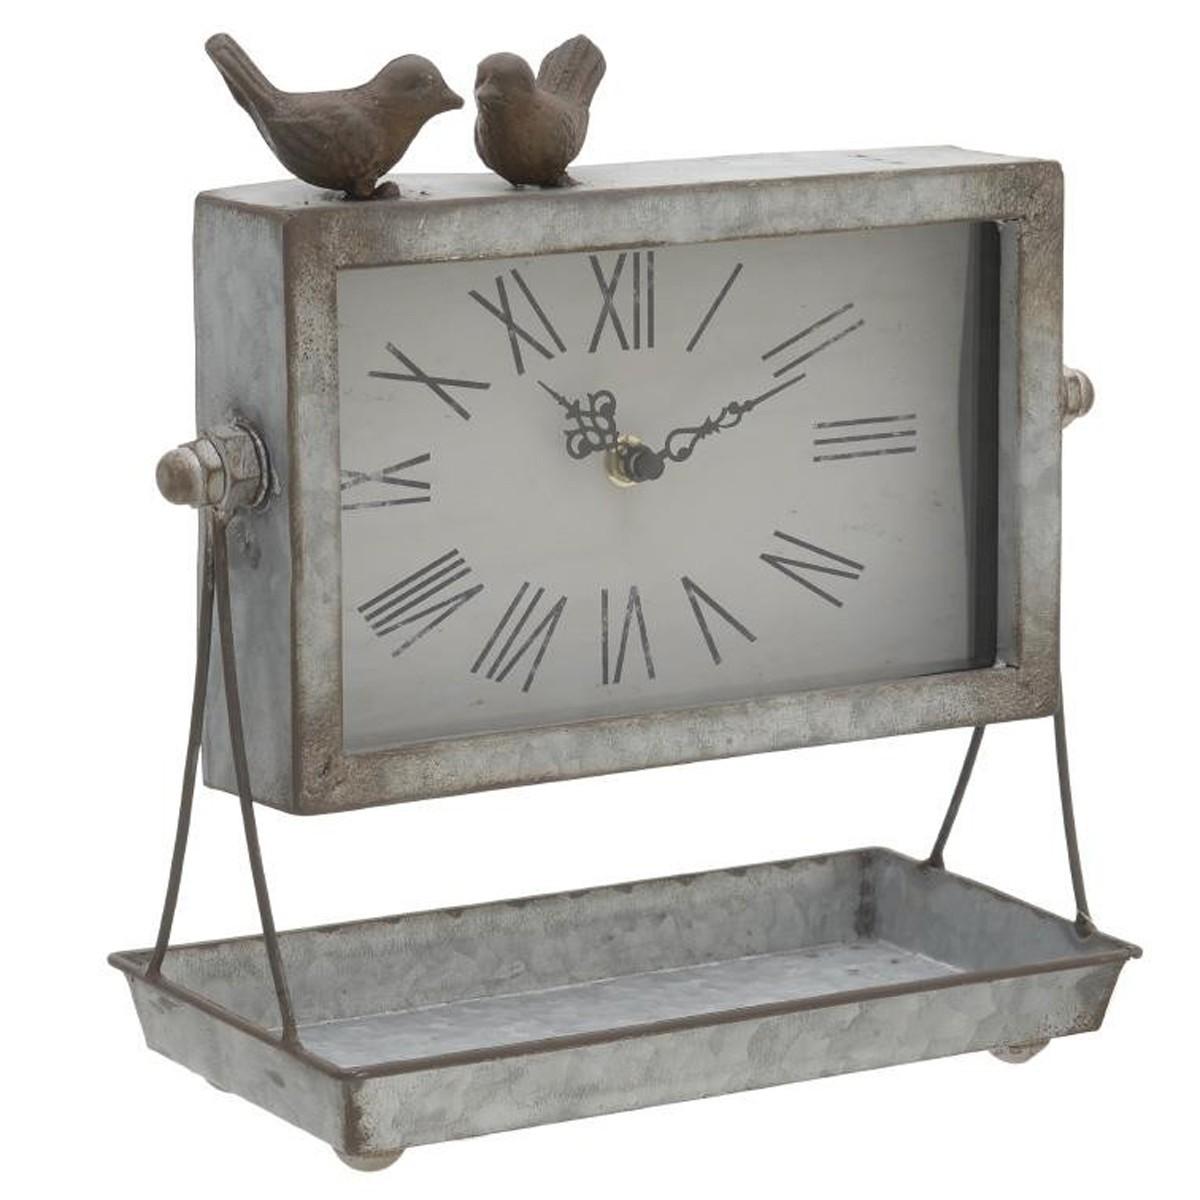 Επιραπέζιο Ρολόι InArt 3-20-901-0003